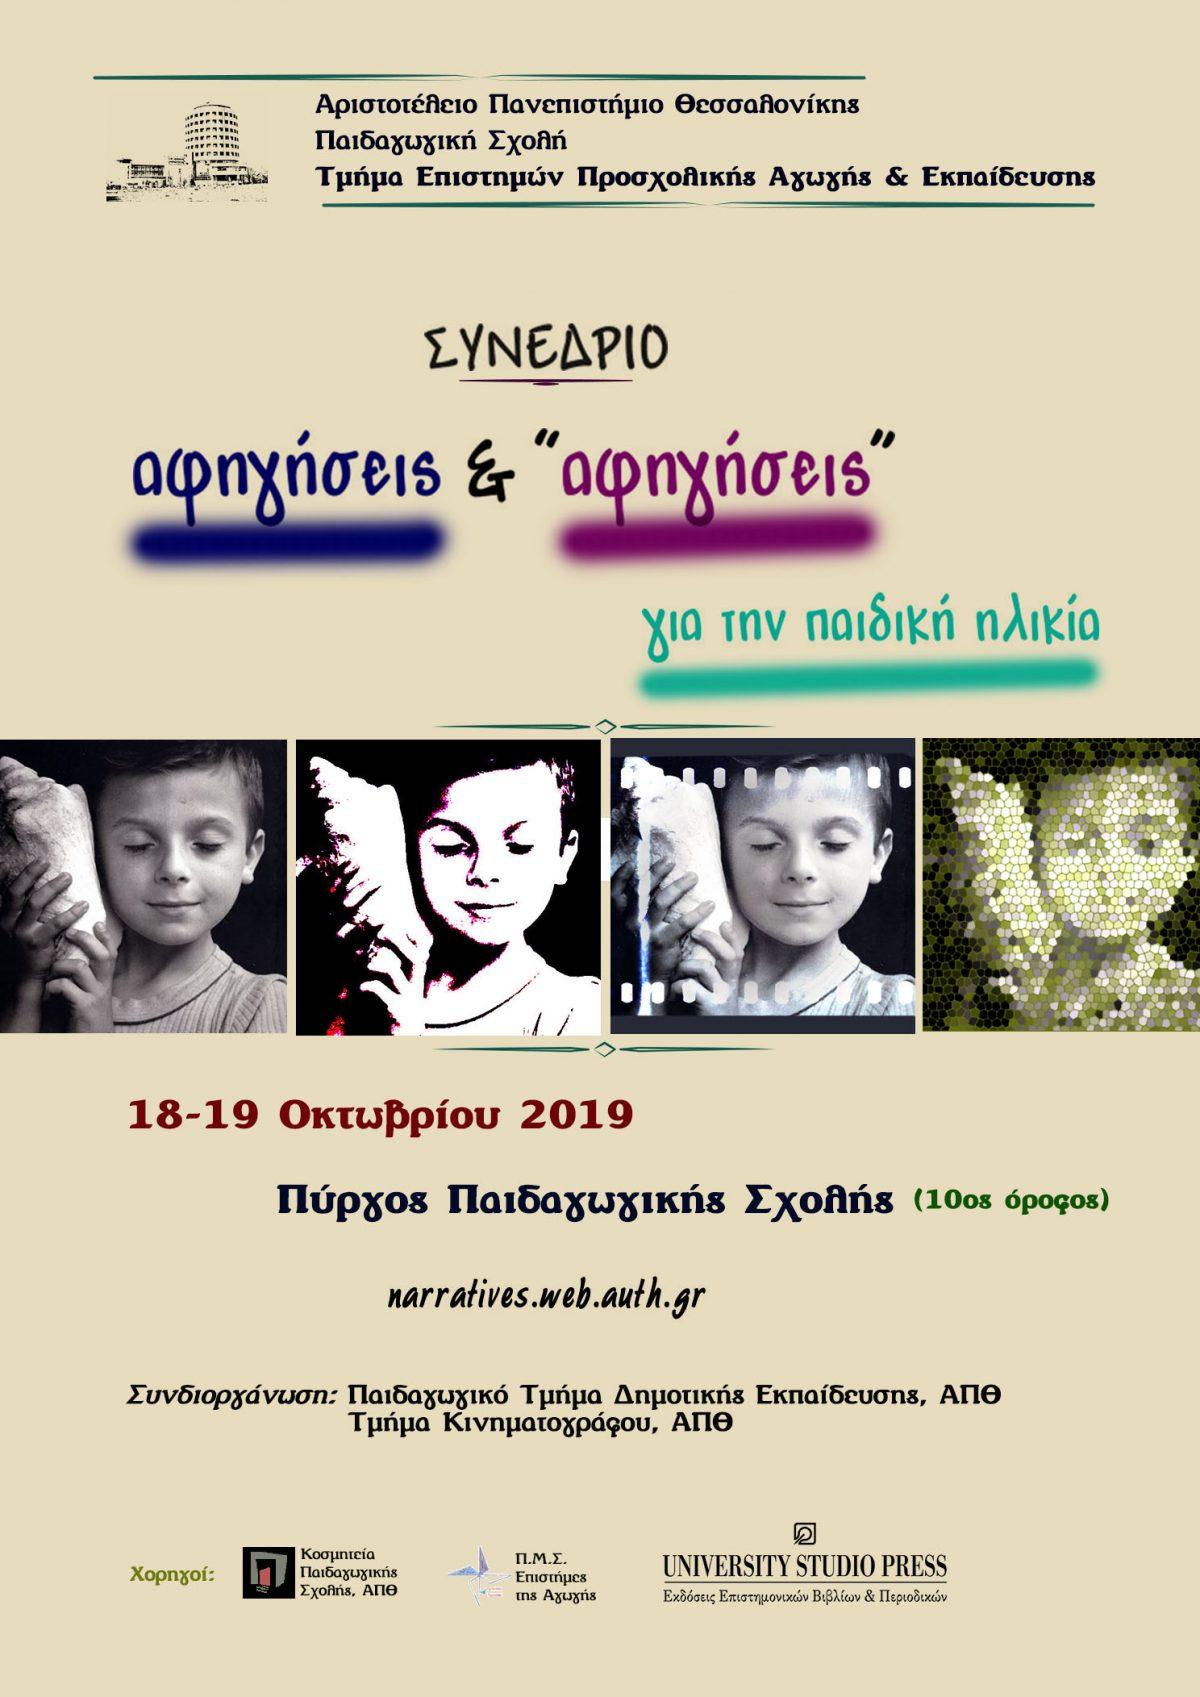 Συνέδριο  «Αφηγήσεις και «αφηγήσεις» για την Παιδική Ηλικία» – ΑΠΘ